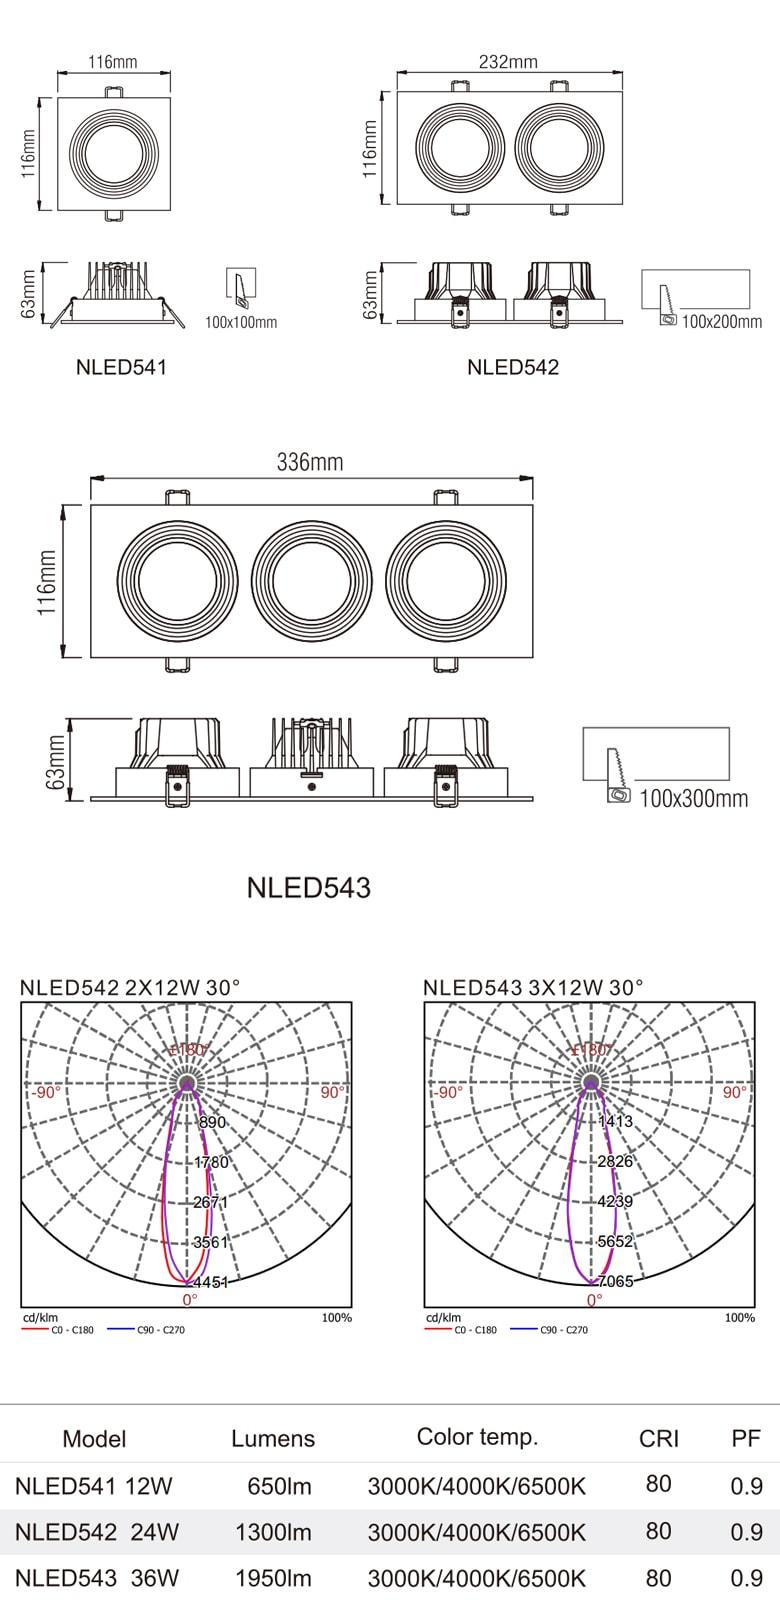 NLED541 NLED542 NLED543 - Đèn LED multiple light COB chóa vân tán sáng, mặt lõm đế mỏng, mặt sơn tĩnh điện